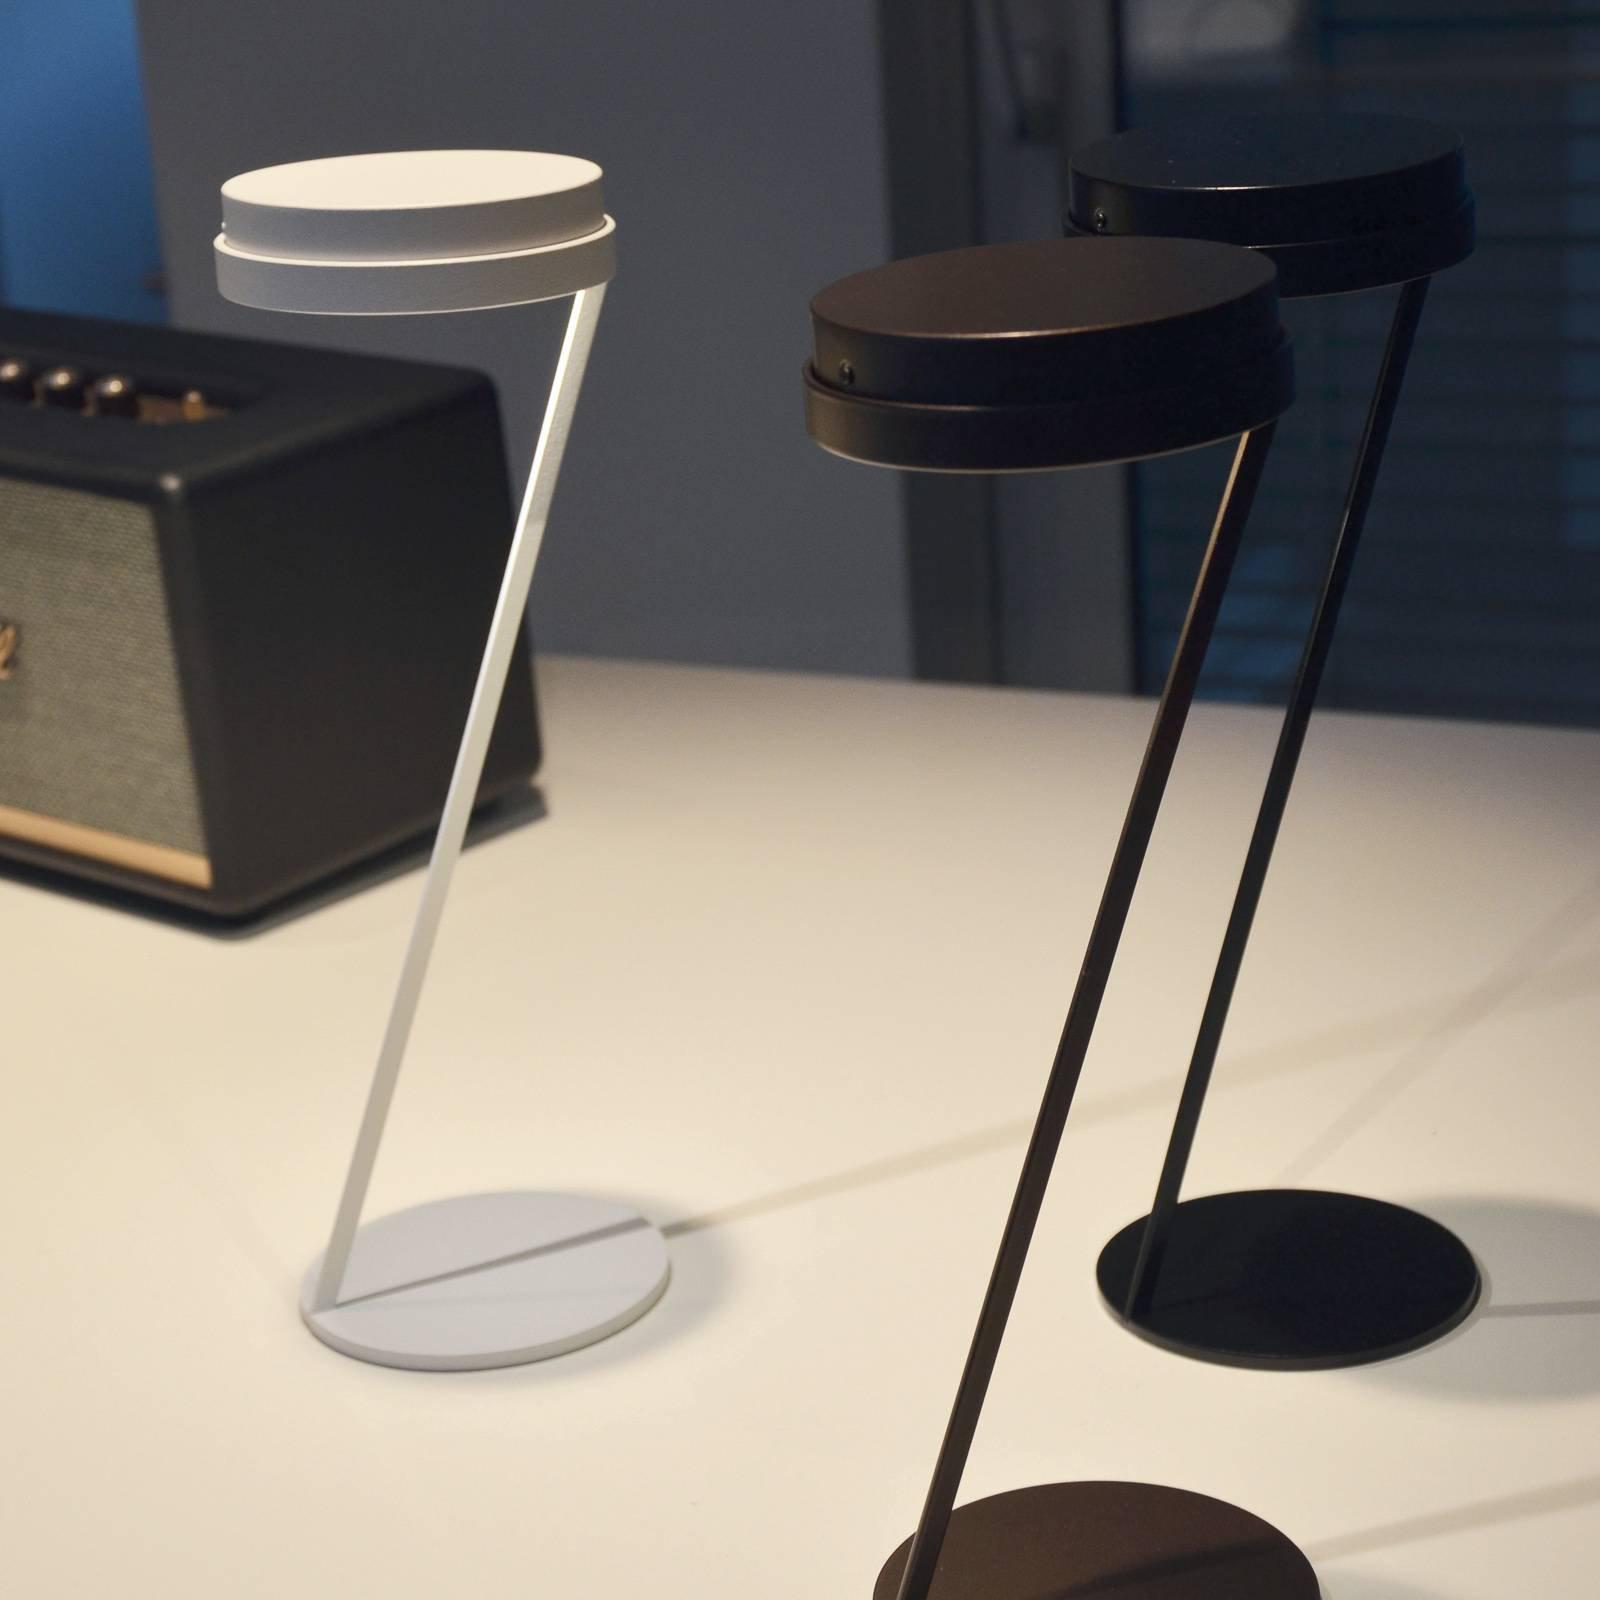 Knikerboker Zeta LED-sensor-bordlampe USB kaffe